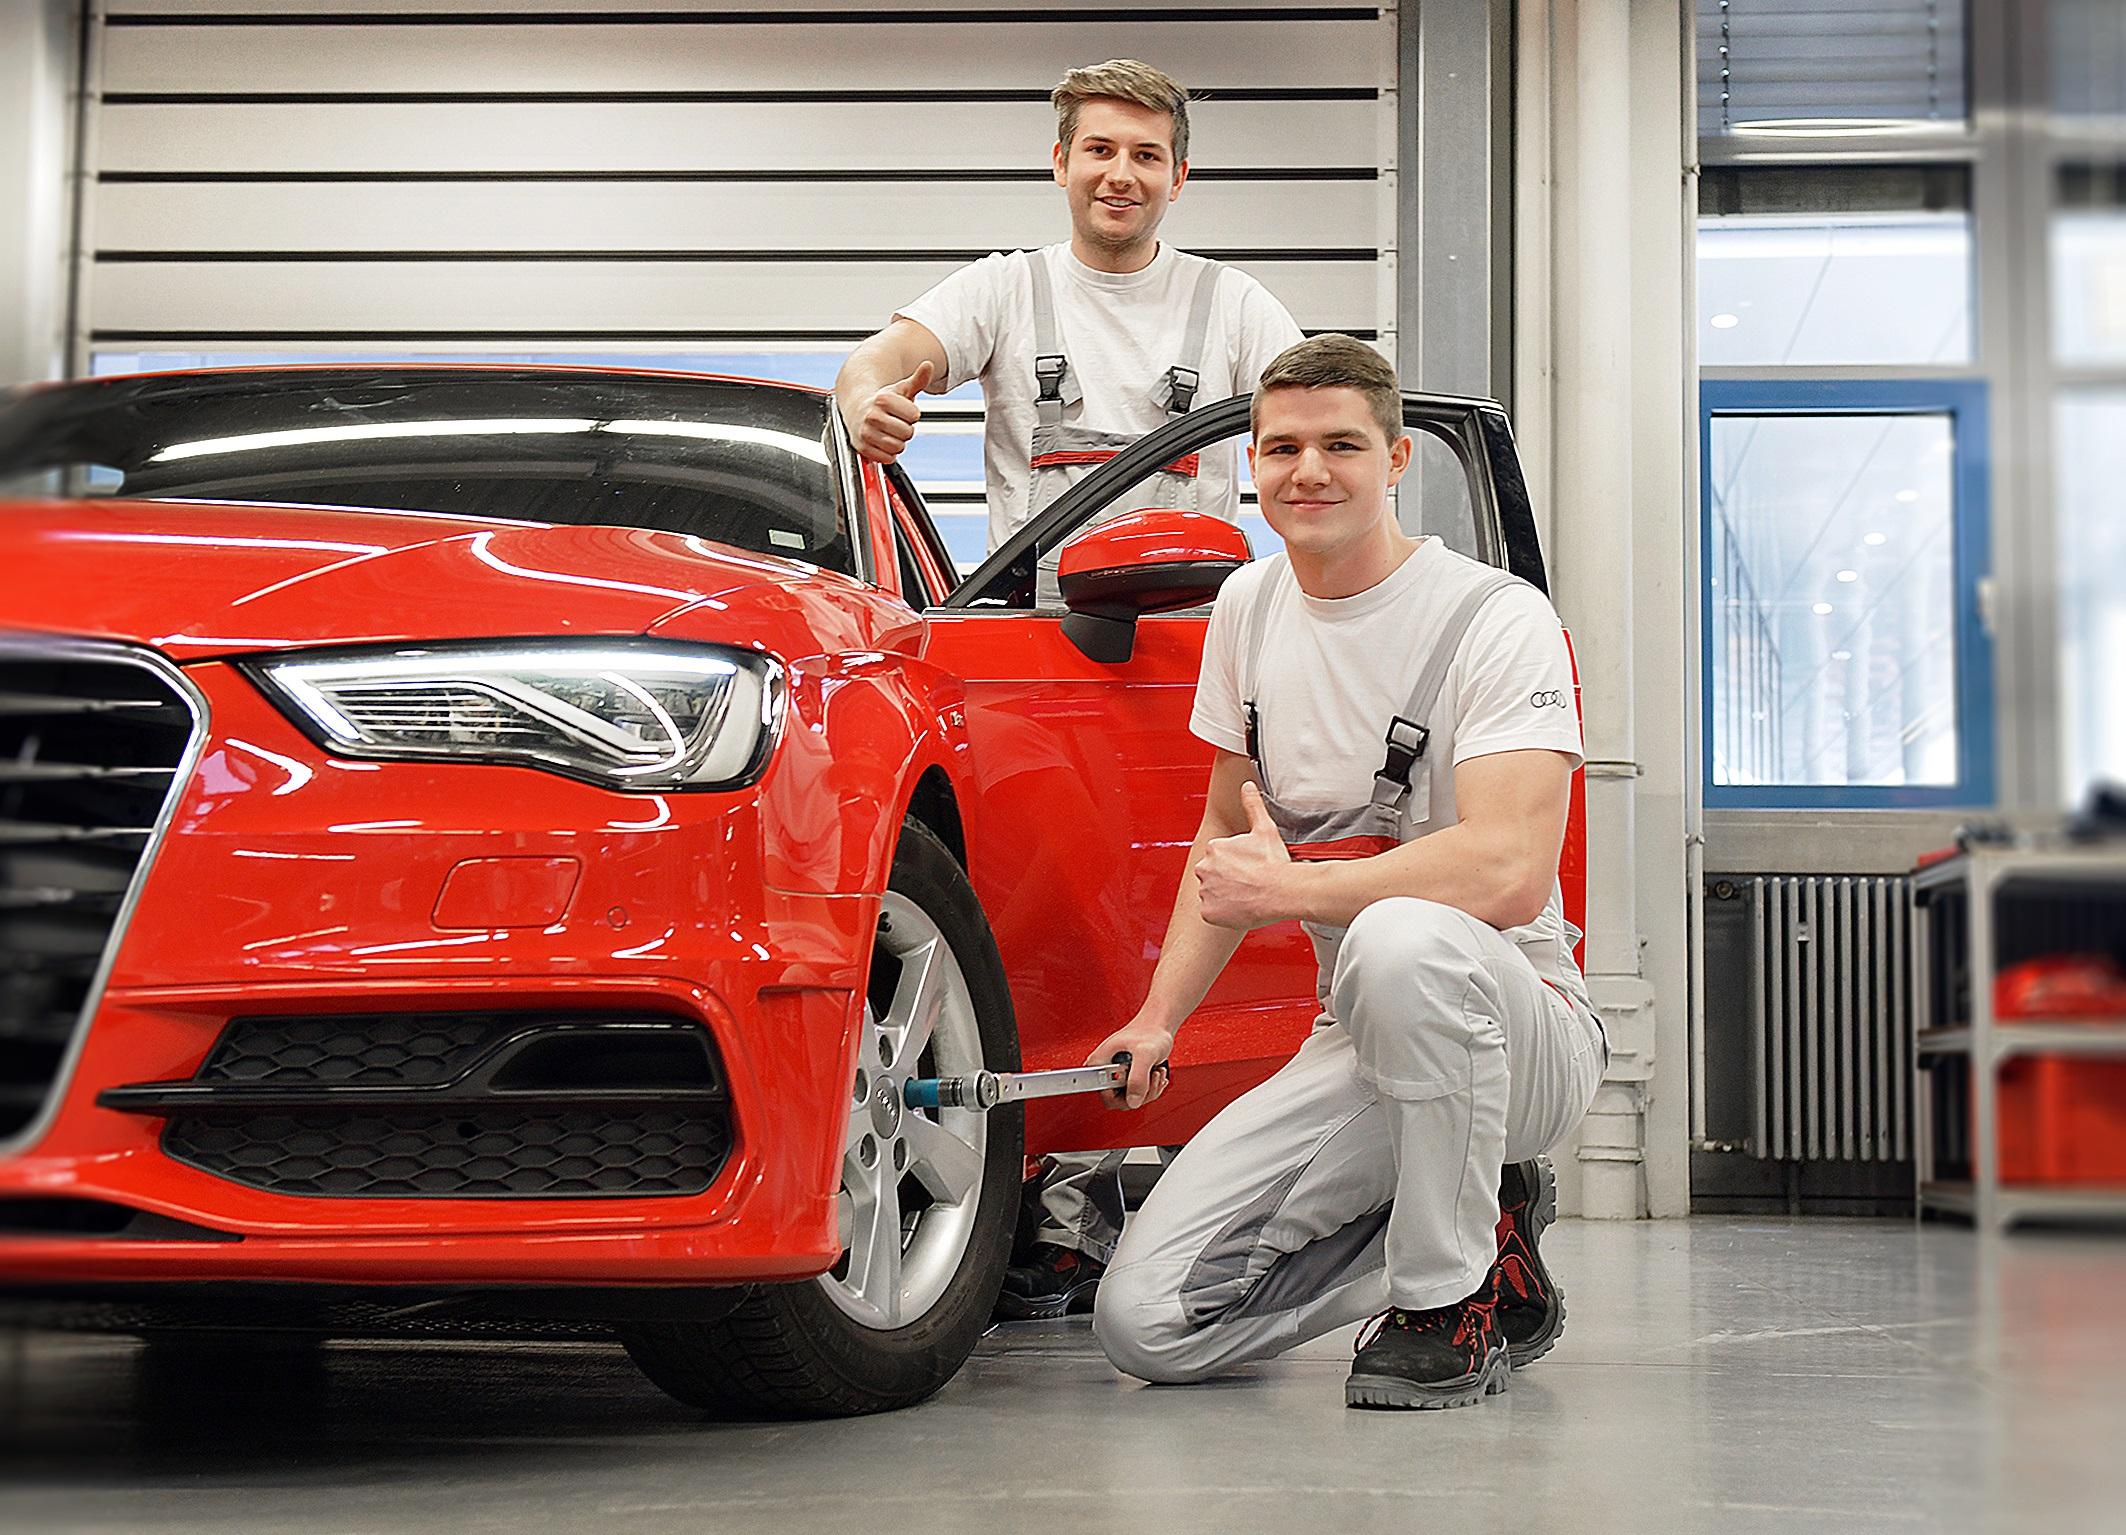 ¿Cómo han conseguido sus trabajadores que Audi ahorre 108 millones?